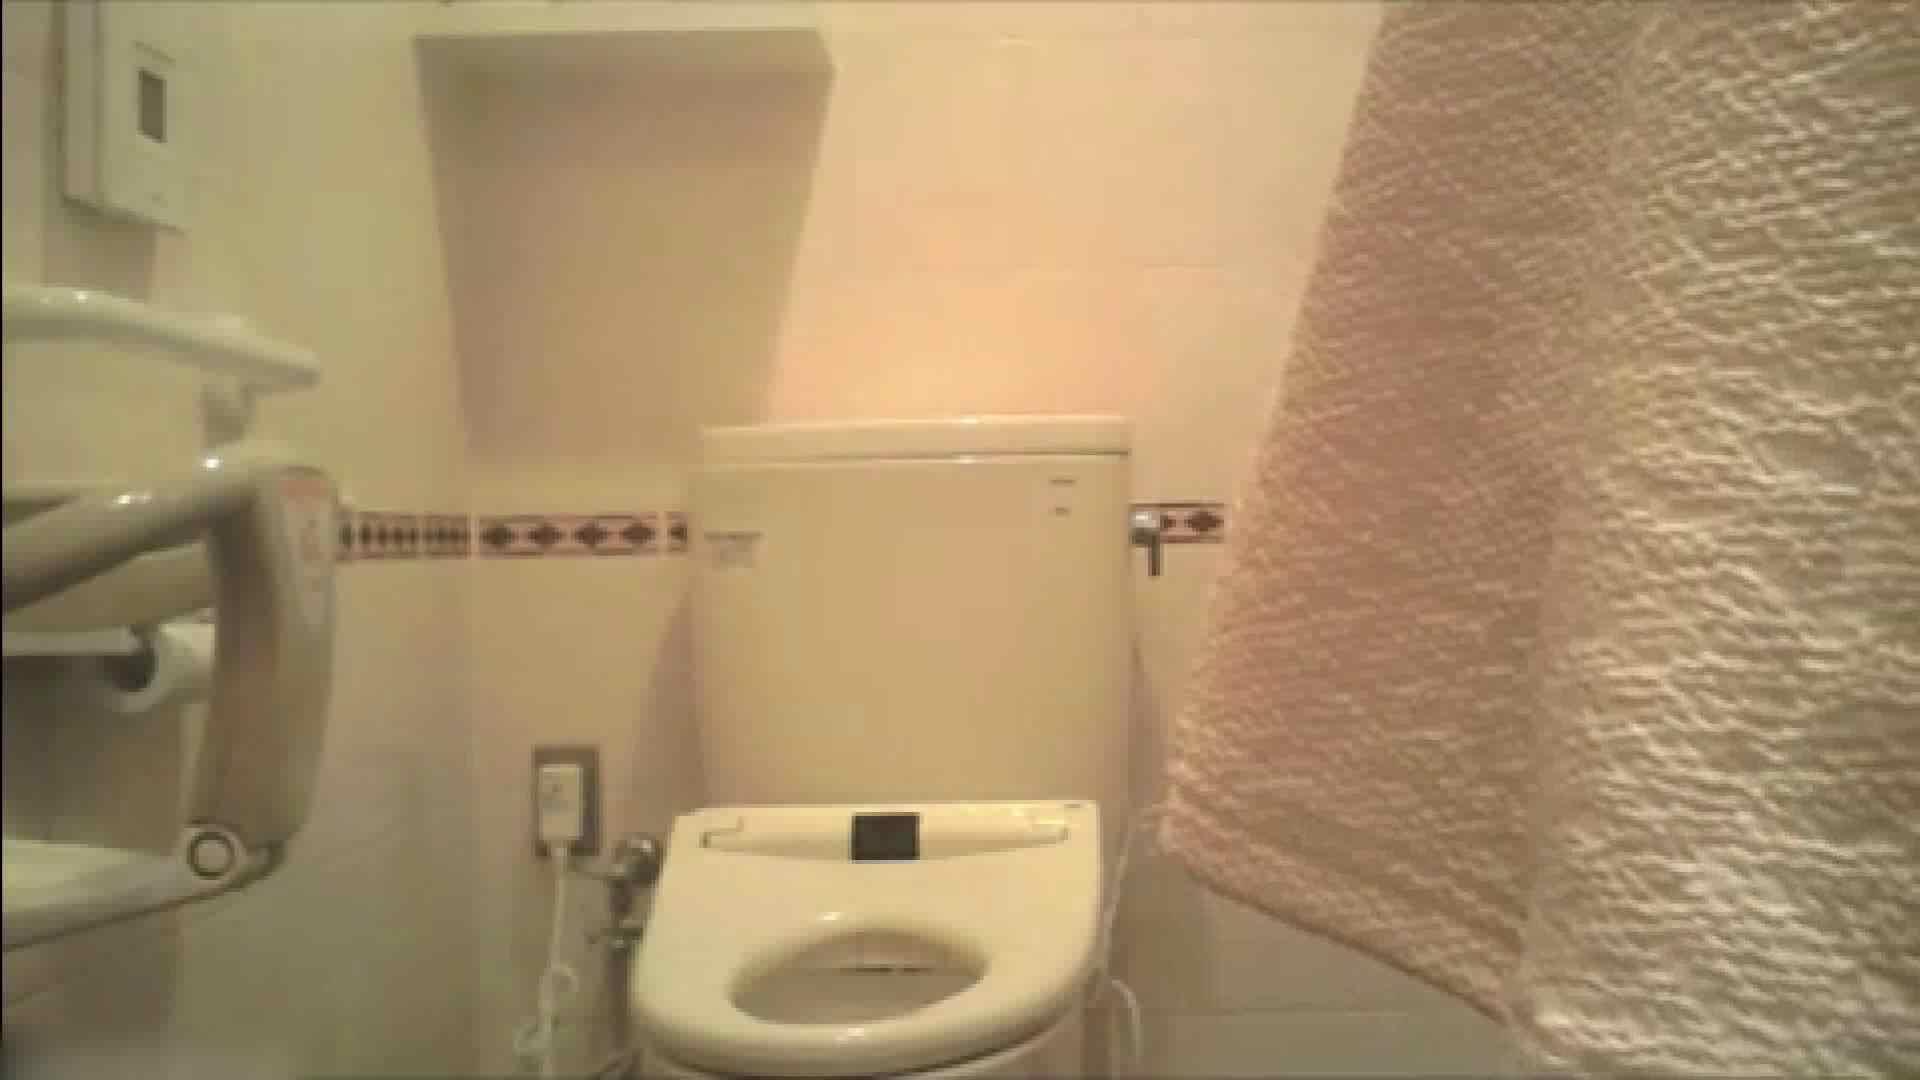 実録!!綺麗なお姉さんのトイレ事情・・・。vol.18 OLの実態  70pic 48